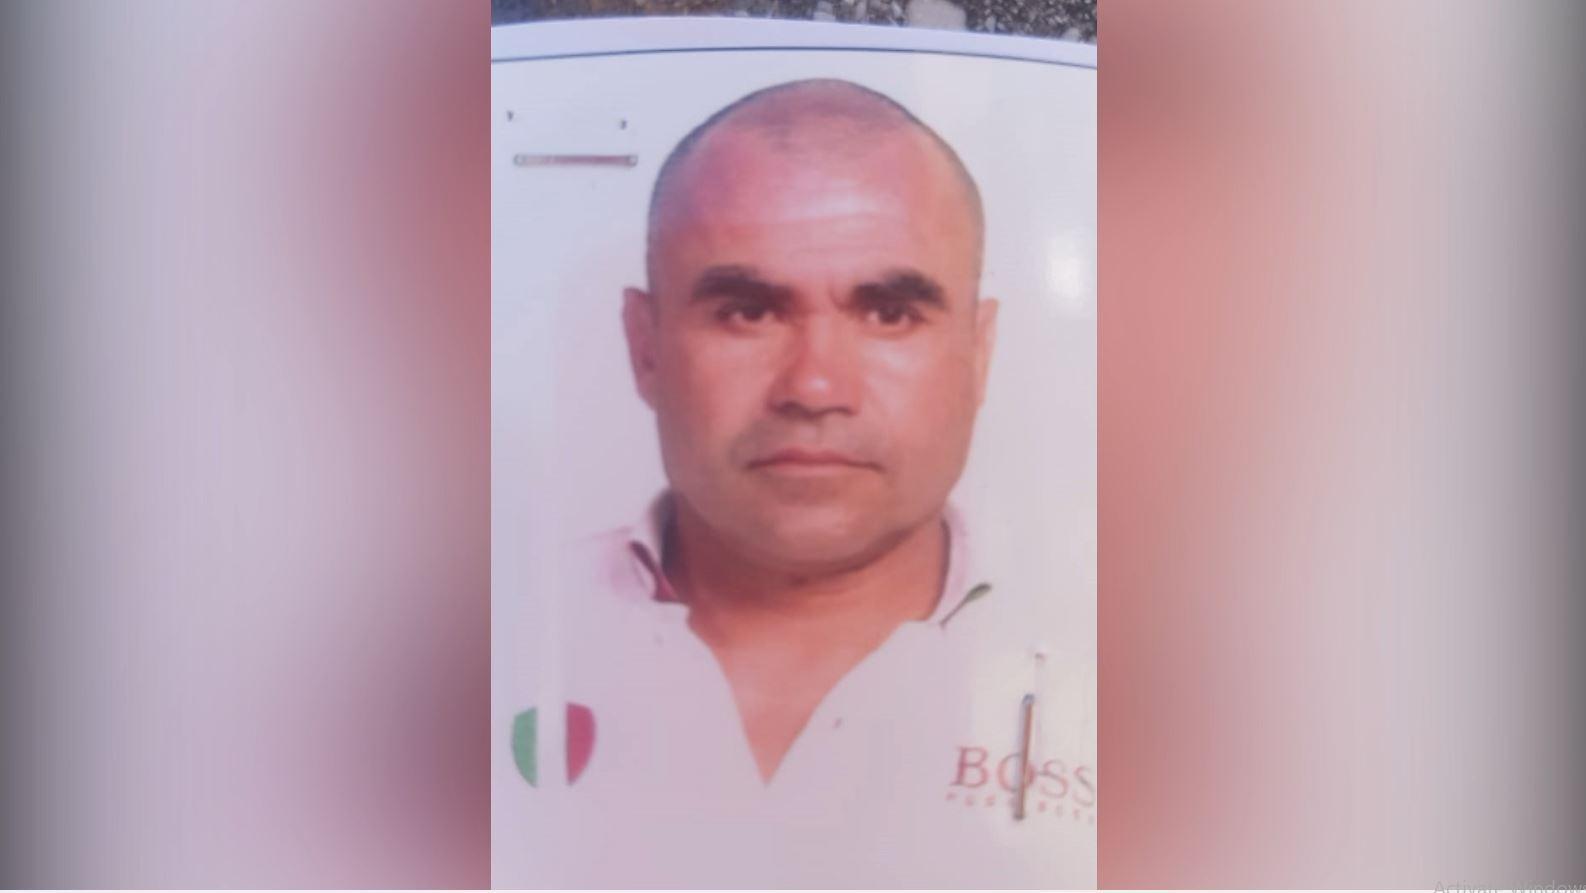 Vrasja në Vlorë, autori e mori në telefon viktimën